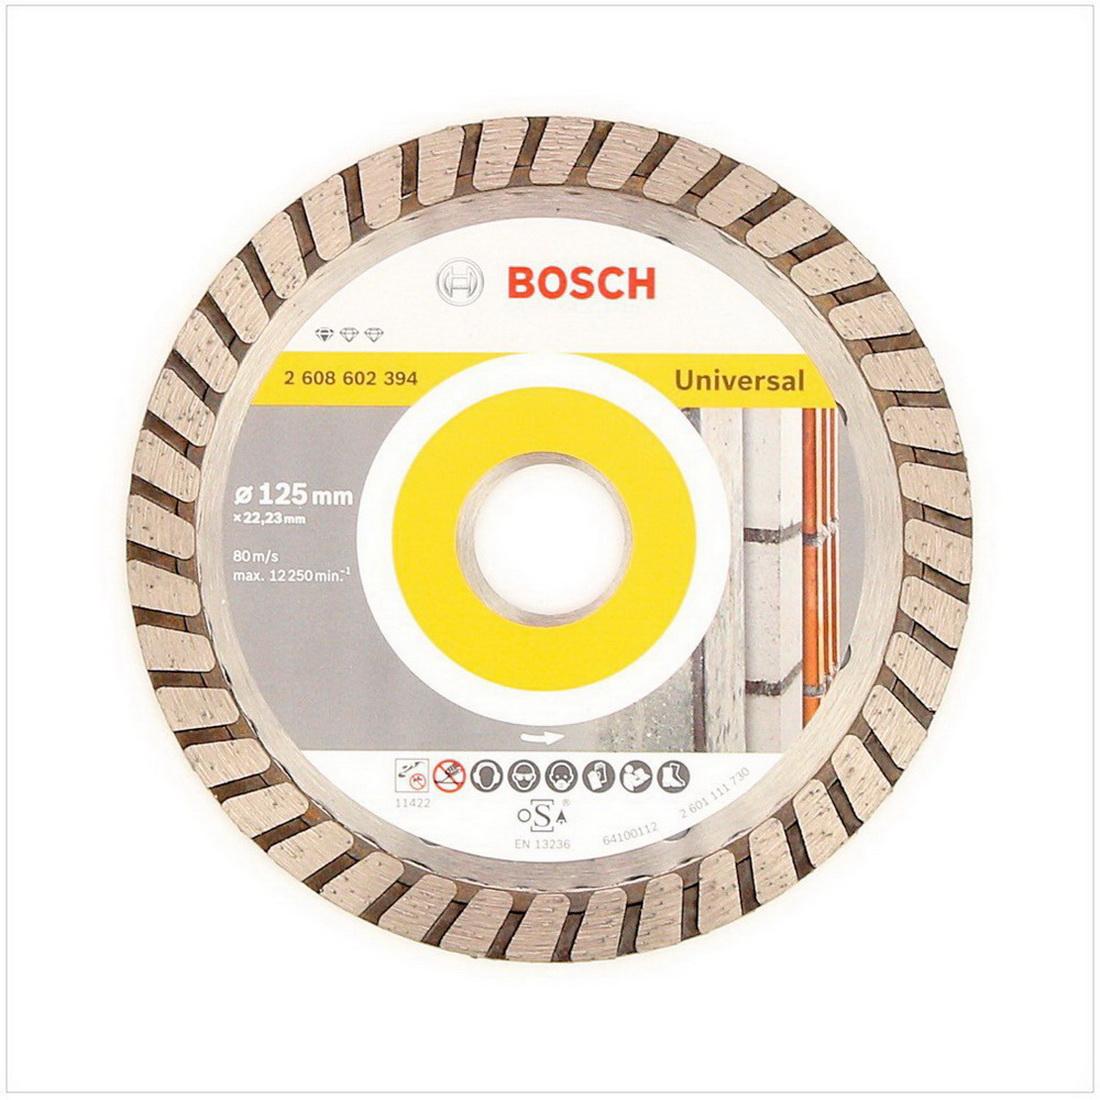 Professional Diamond Cutting Disc 125 x 22.23 x 2 x 10mm 2608602394